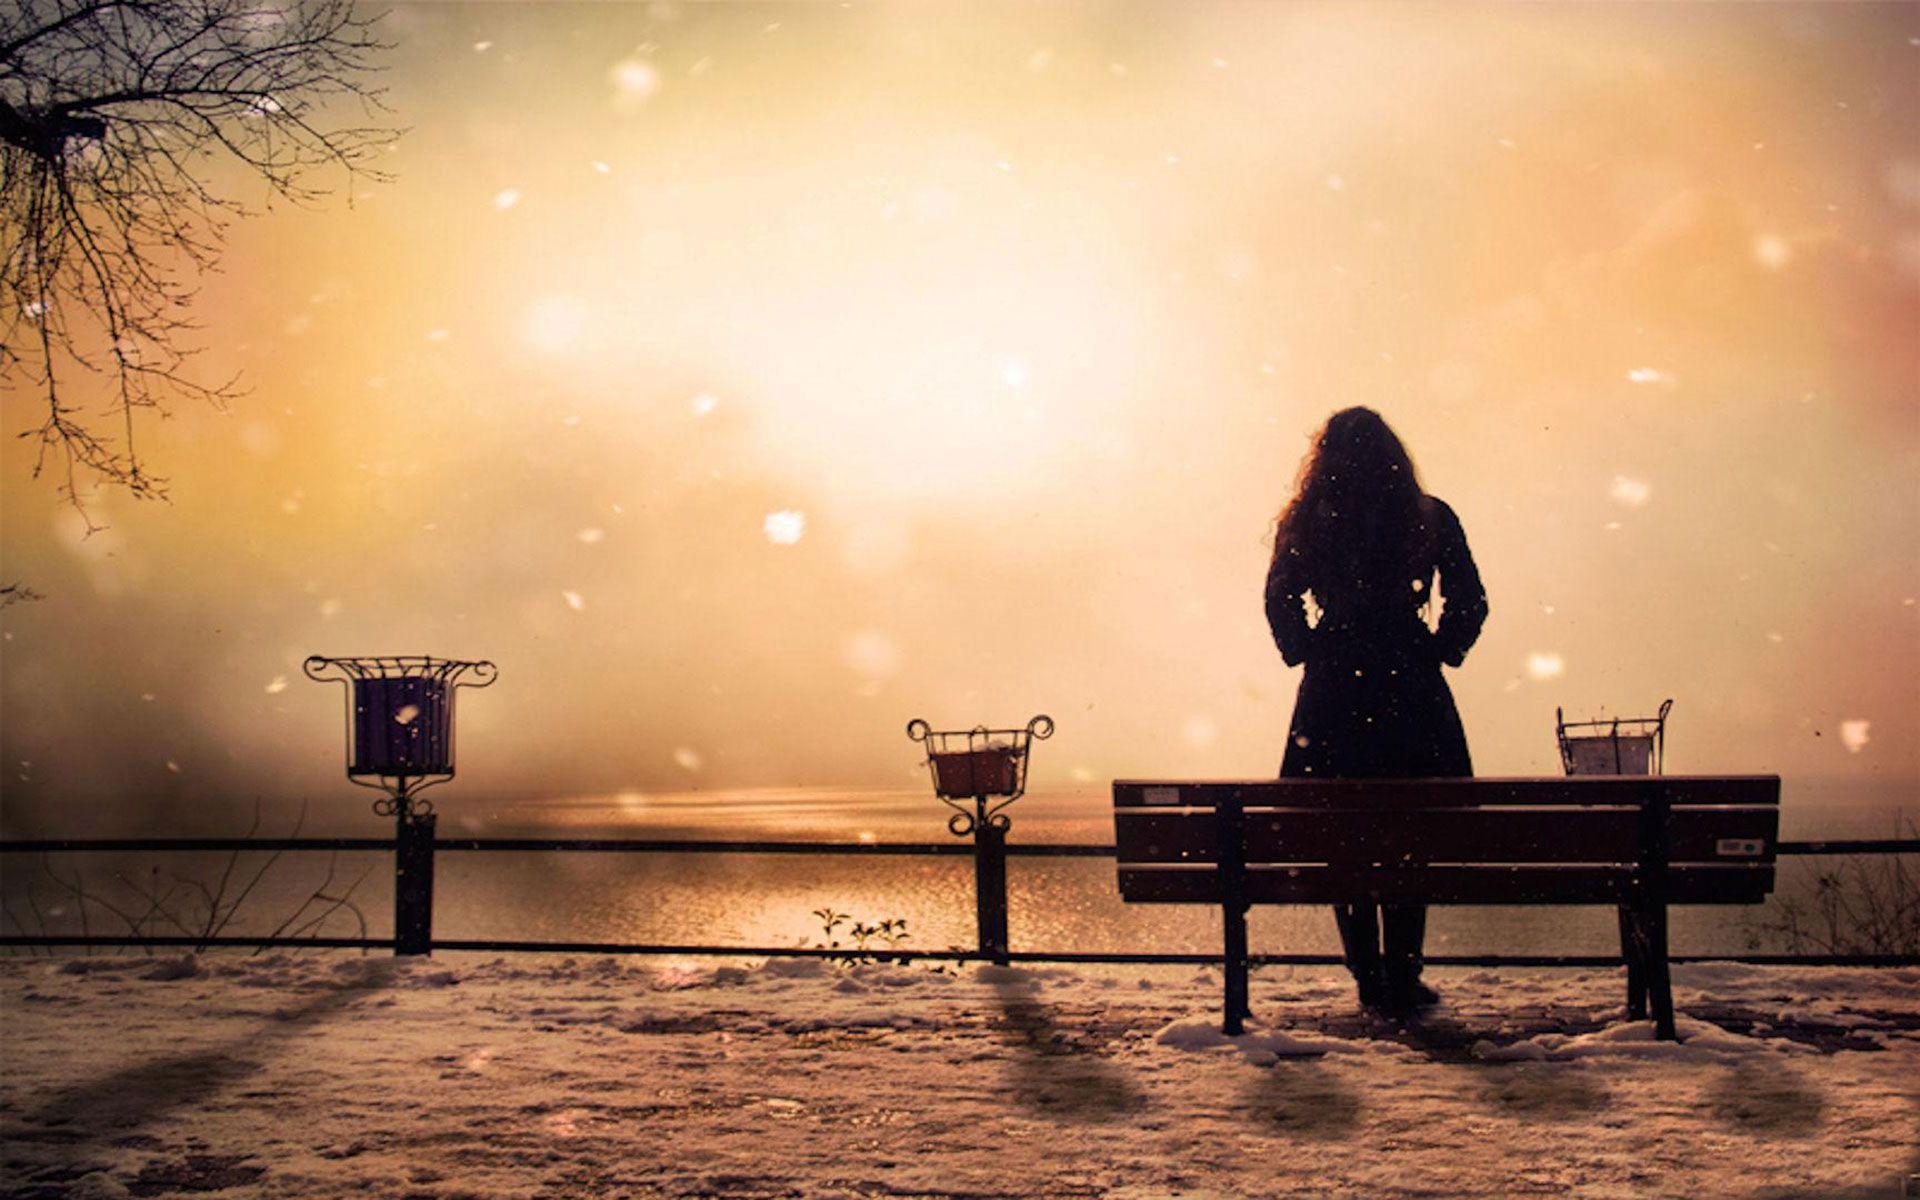 Kekasih Sudah Tidak Perawan, Apa yang Harus Dilakukan?